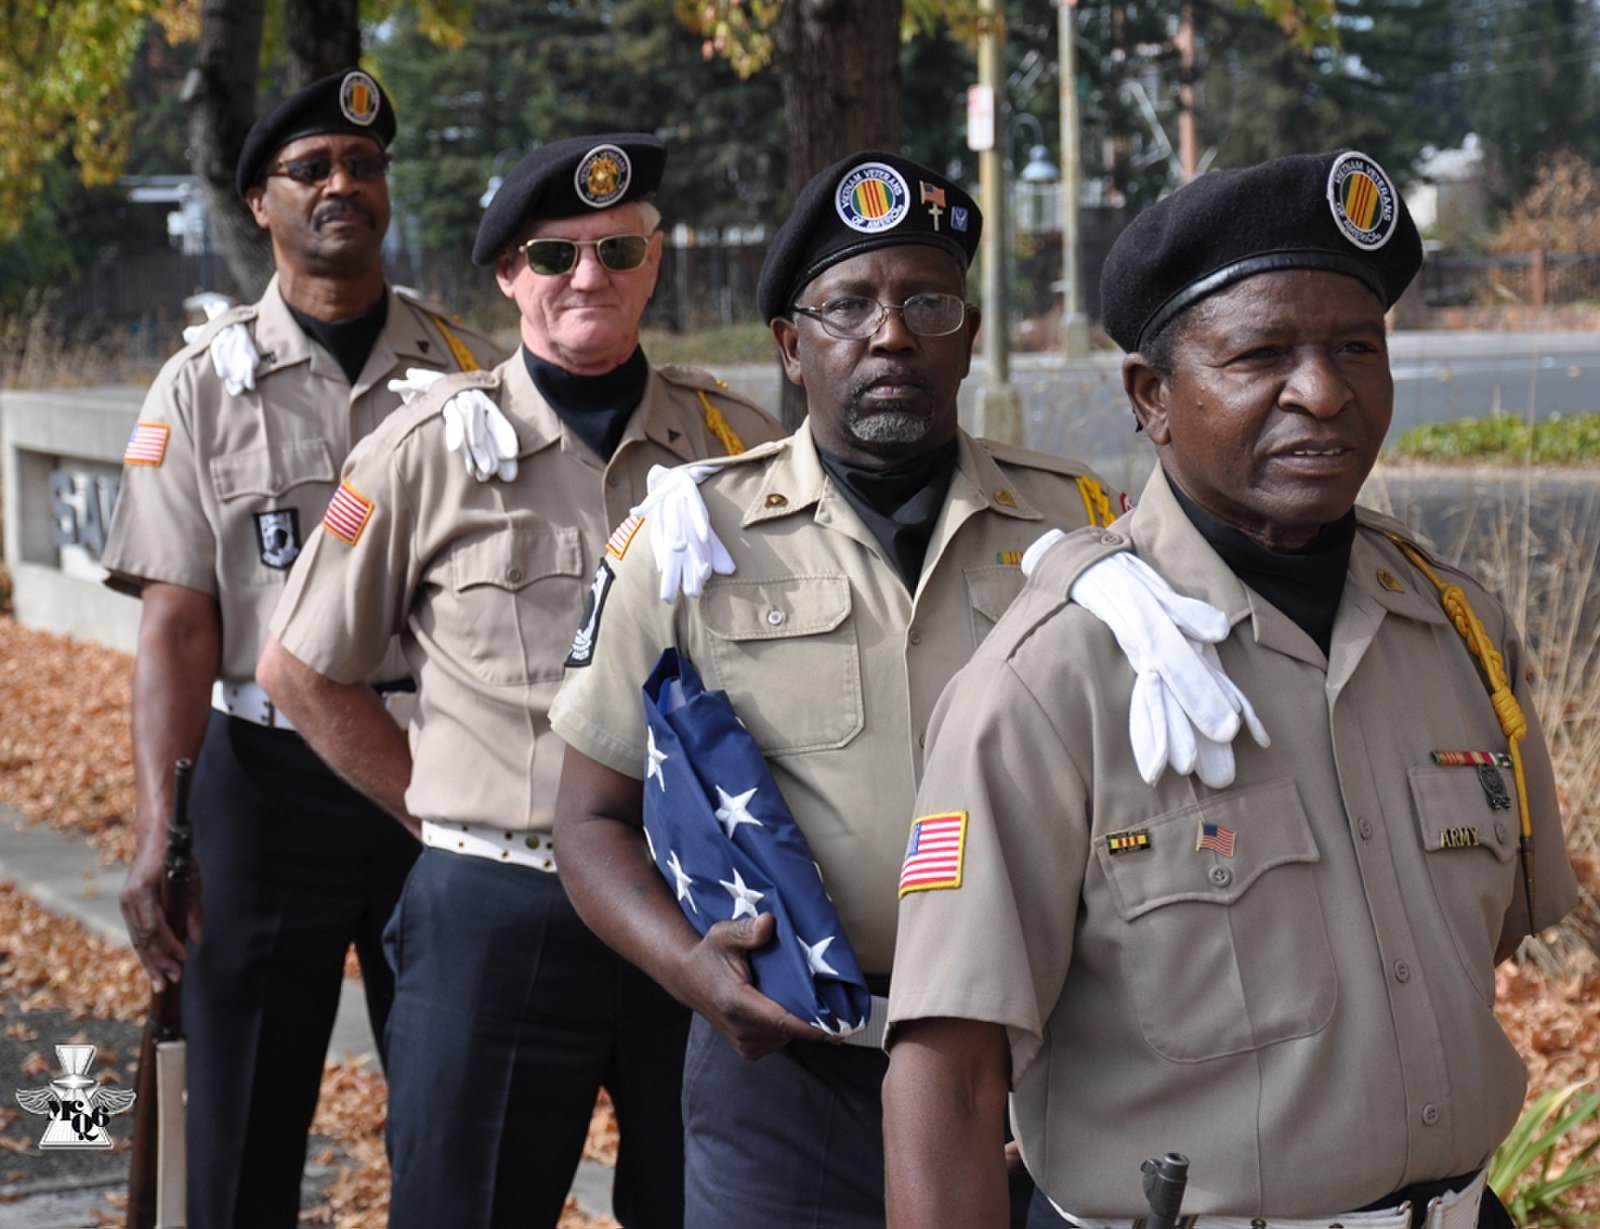 0md - 20131111 - Veterans Day - 0006